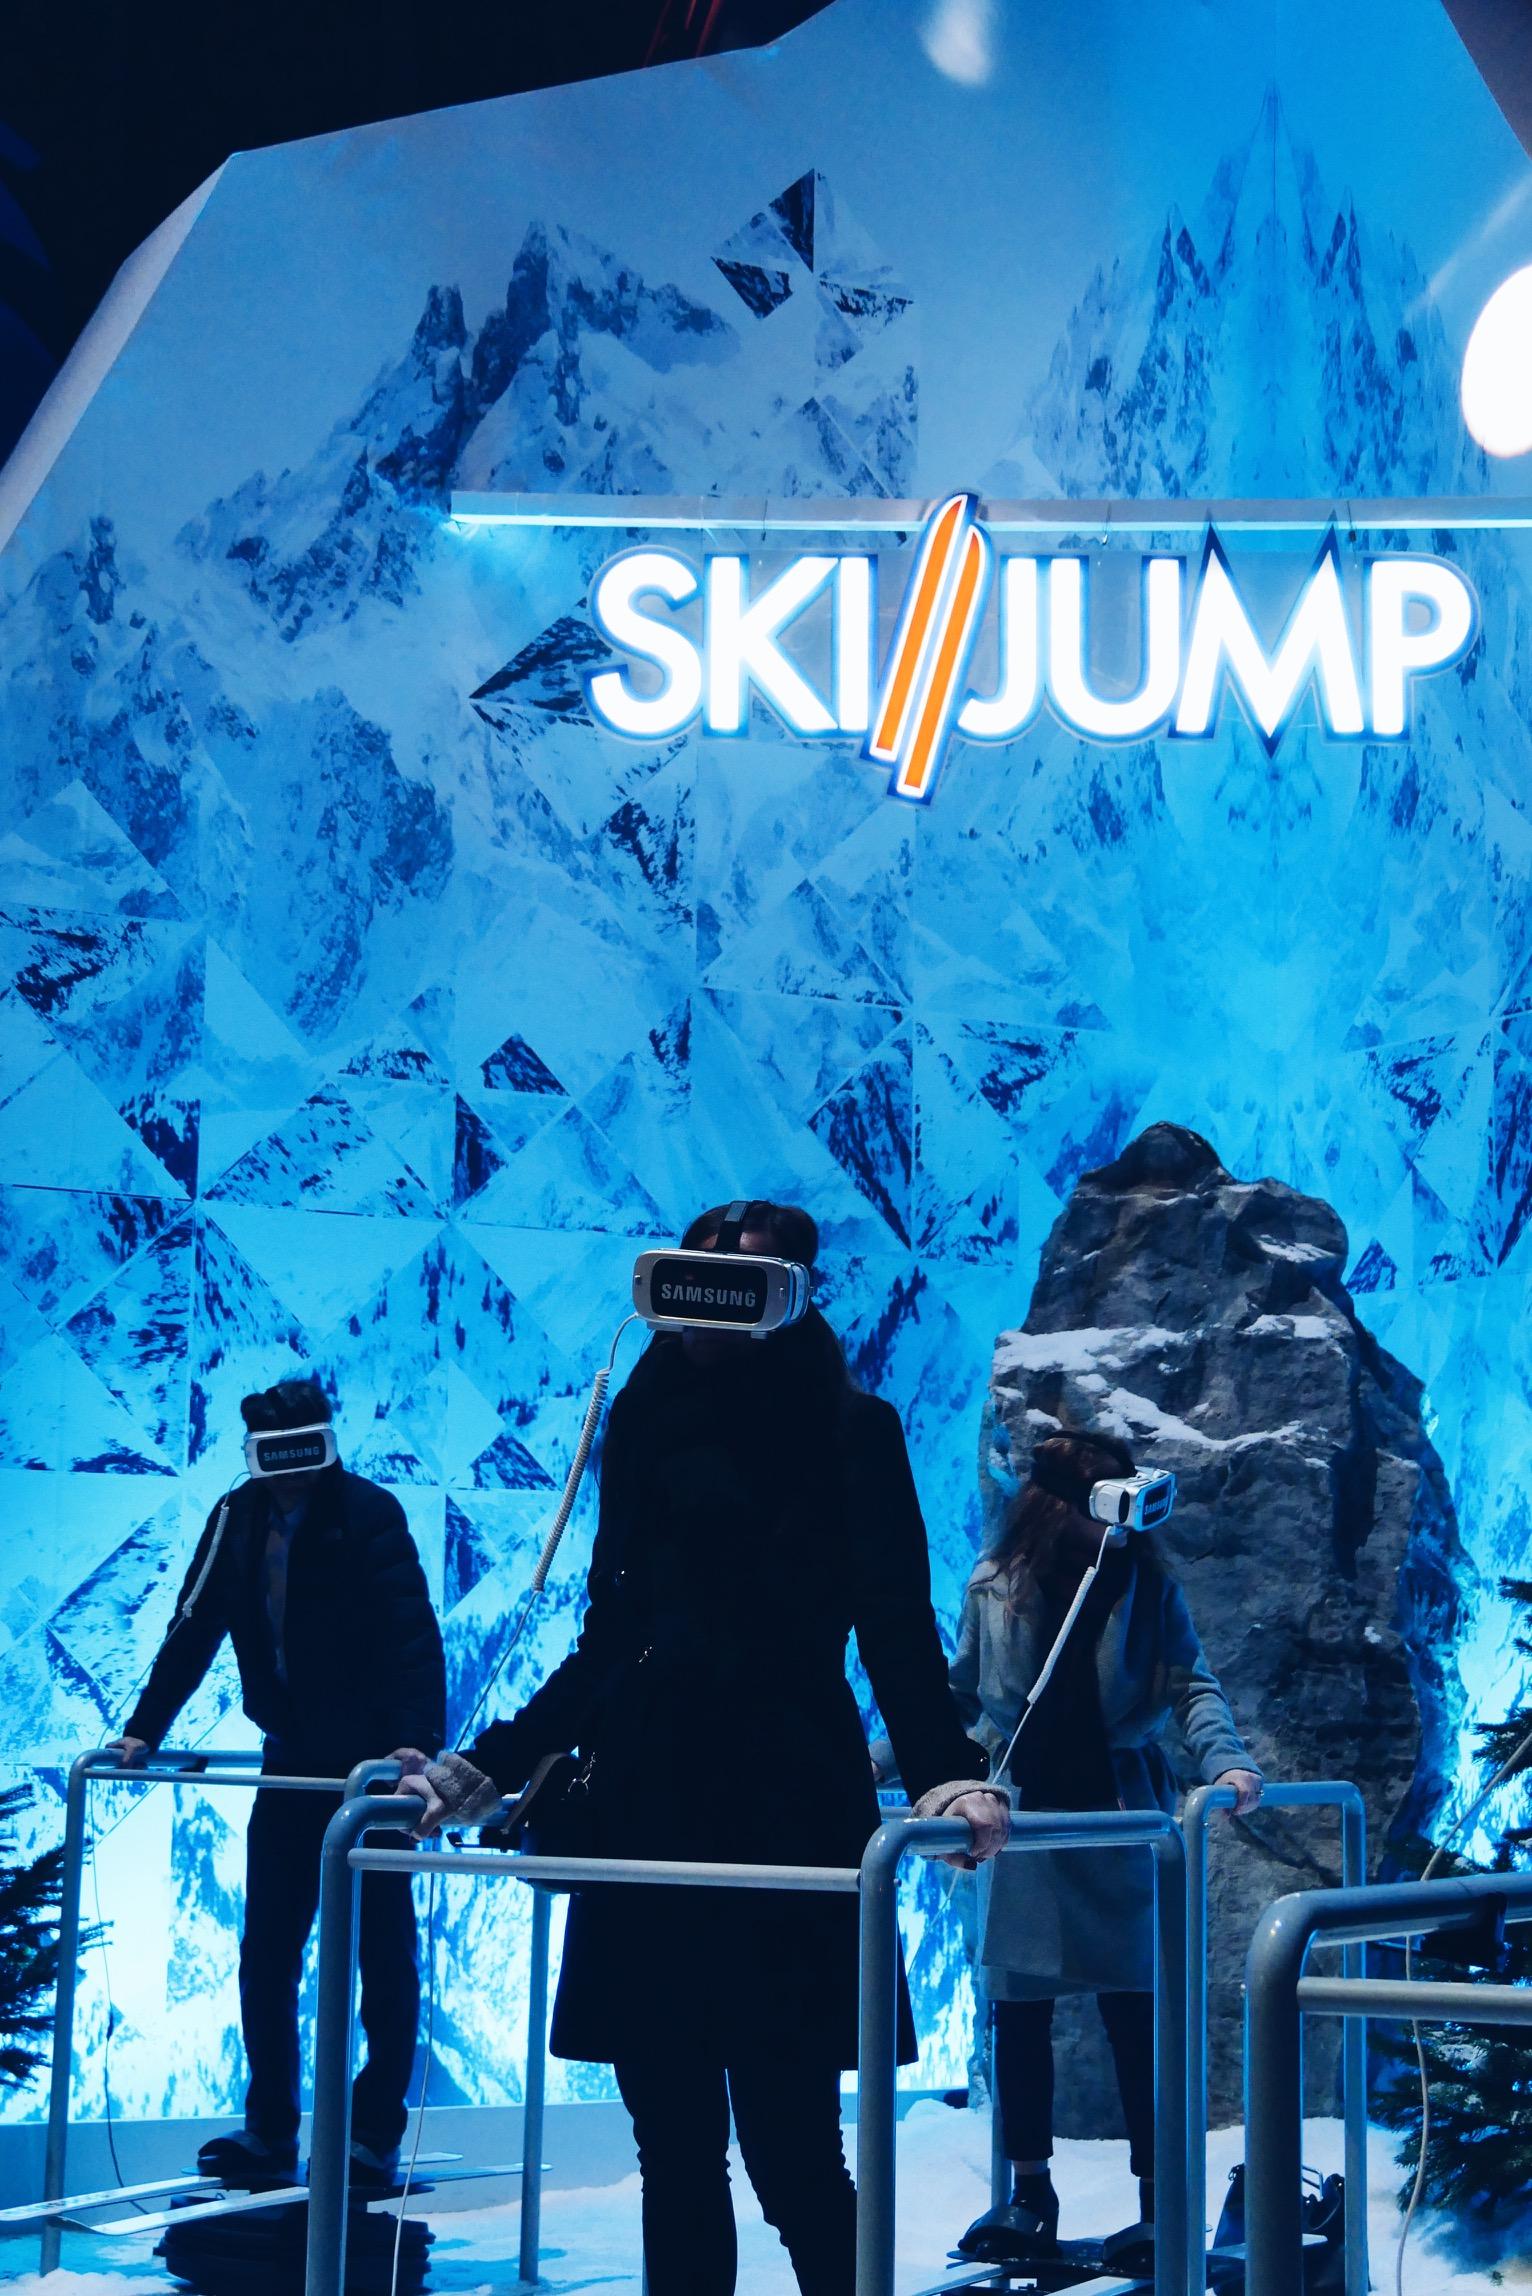 Ski-Jump-Samsung-Life-Changer-Park-parc-réalité-virtuelle-Gear-VR-Grand-Palais-des-Glaces-Paris-photos-usofparis-blog